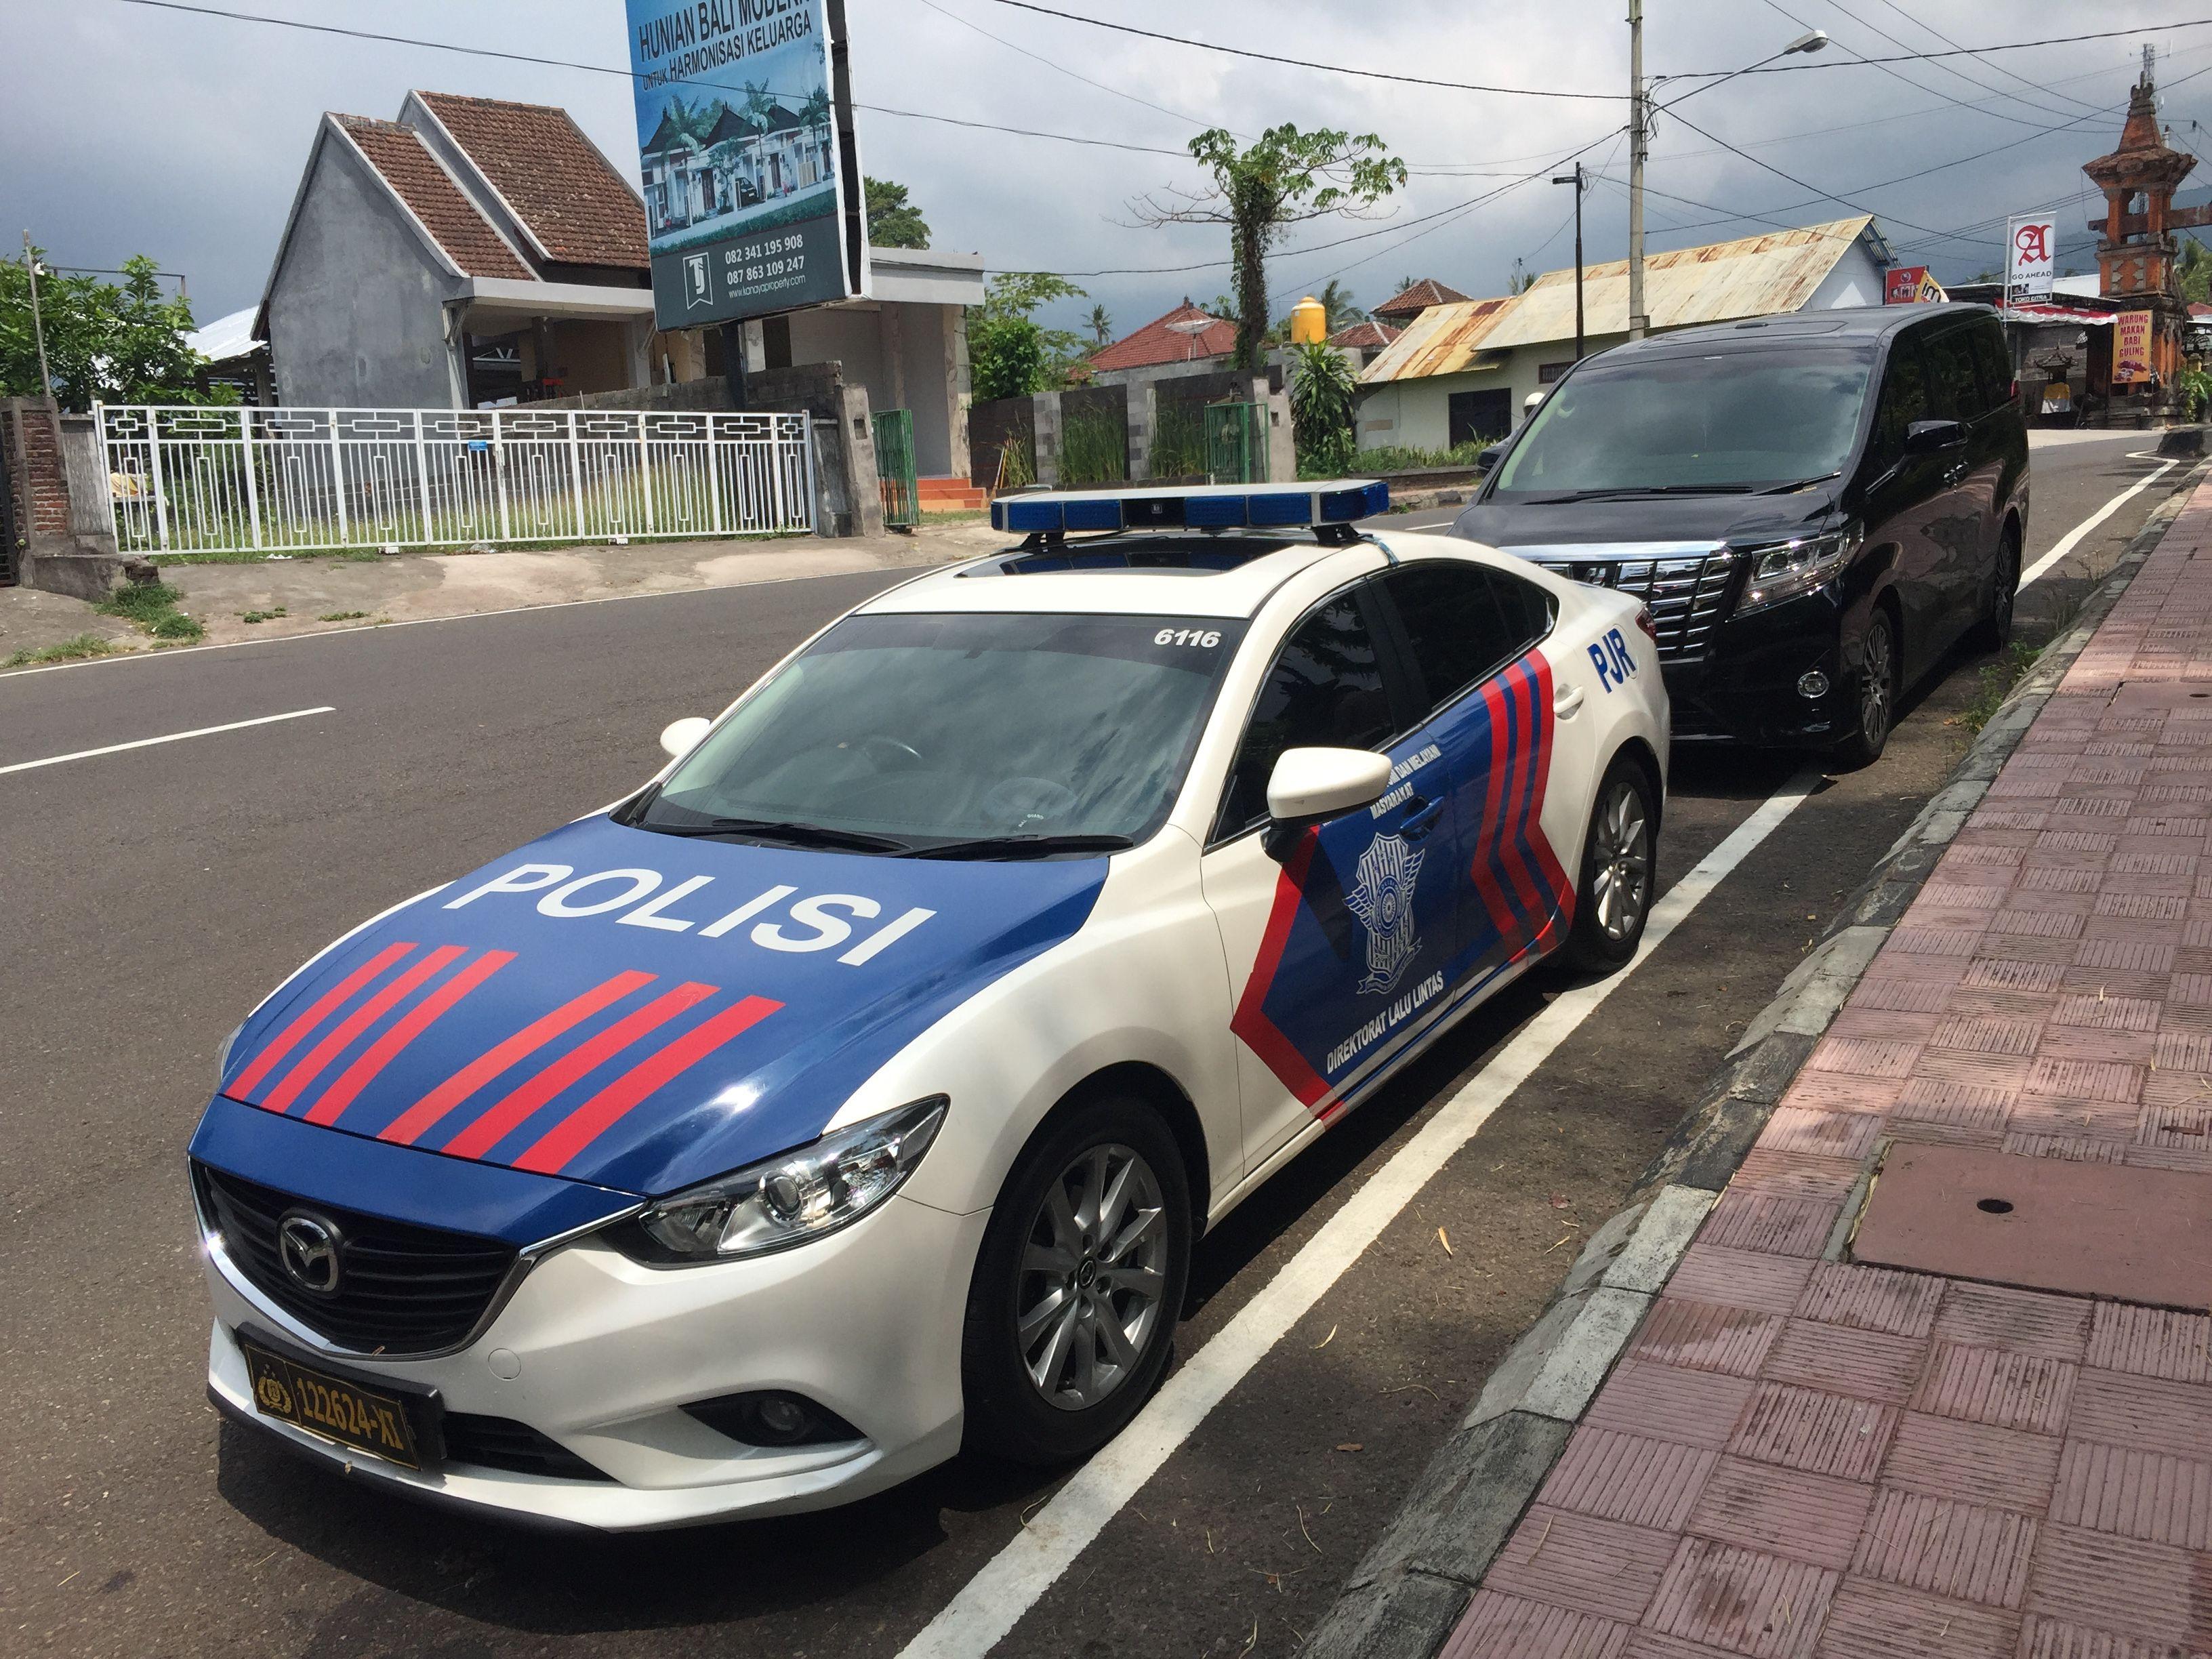 Sewa Mobil Alphard Di Bali Plus Pengawalan Polisi Info 081339461777 Wa Mobil Polisi Mobil Polisi